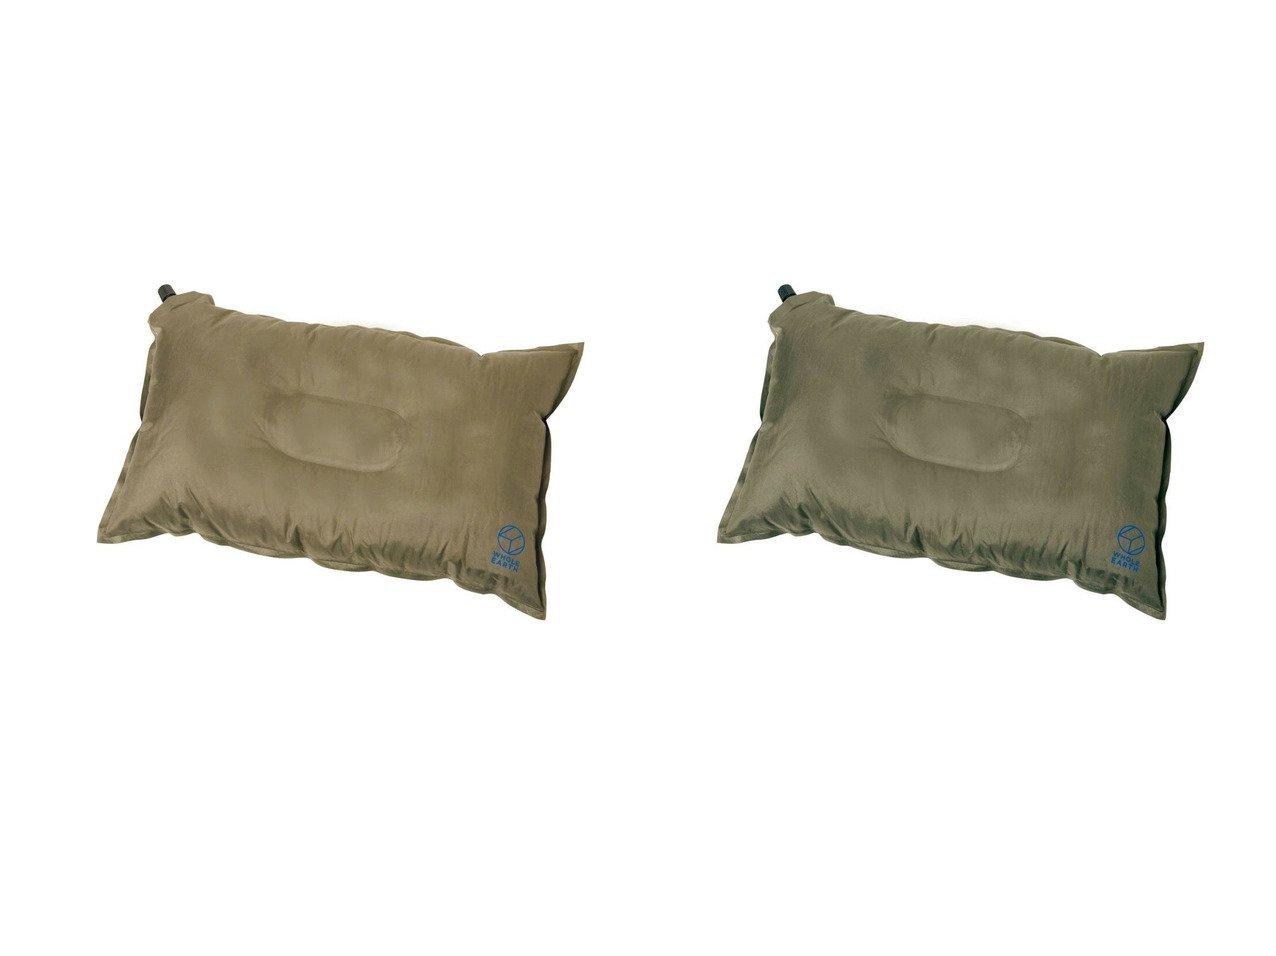 【Whole Earth/ホールアース】の寝袋 シュラフエアーピロー WE23DG56 BEG&寝袋 シュラフエアーピロー WE23DG56 OLIVE おすすめ!人気キャンプ・アウトドア用品の通販 おすすめで人気の流行・トレンド、ファッションの通販商品 メンズファッション・キッズファッション・インテリア・家具・レディースファッション・服の通販 founy(ファニー) https://founy.com/ フォーム S/S・春夏 SS・Spring/Summer フィット 春 Spring ホーム・キャンプ・アウトドア Home,Garden,Outdoor,Camping Gear キャンプ用品・アウトドア  Camping Gear & Outdoor Supplies 寝具 シュラフ 枕 Schlaf, Sleeping bag, Pillow |ID:crp329100000034786